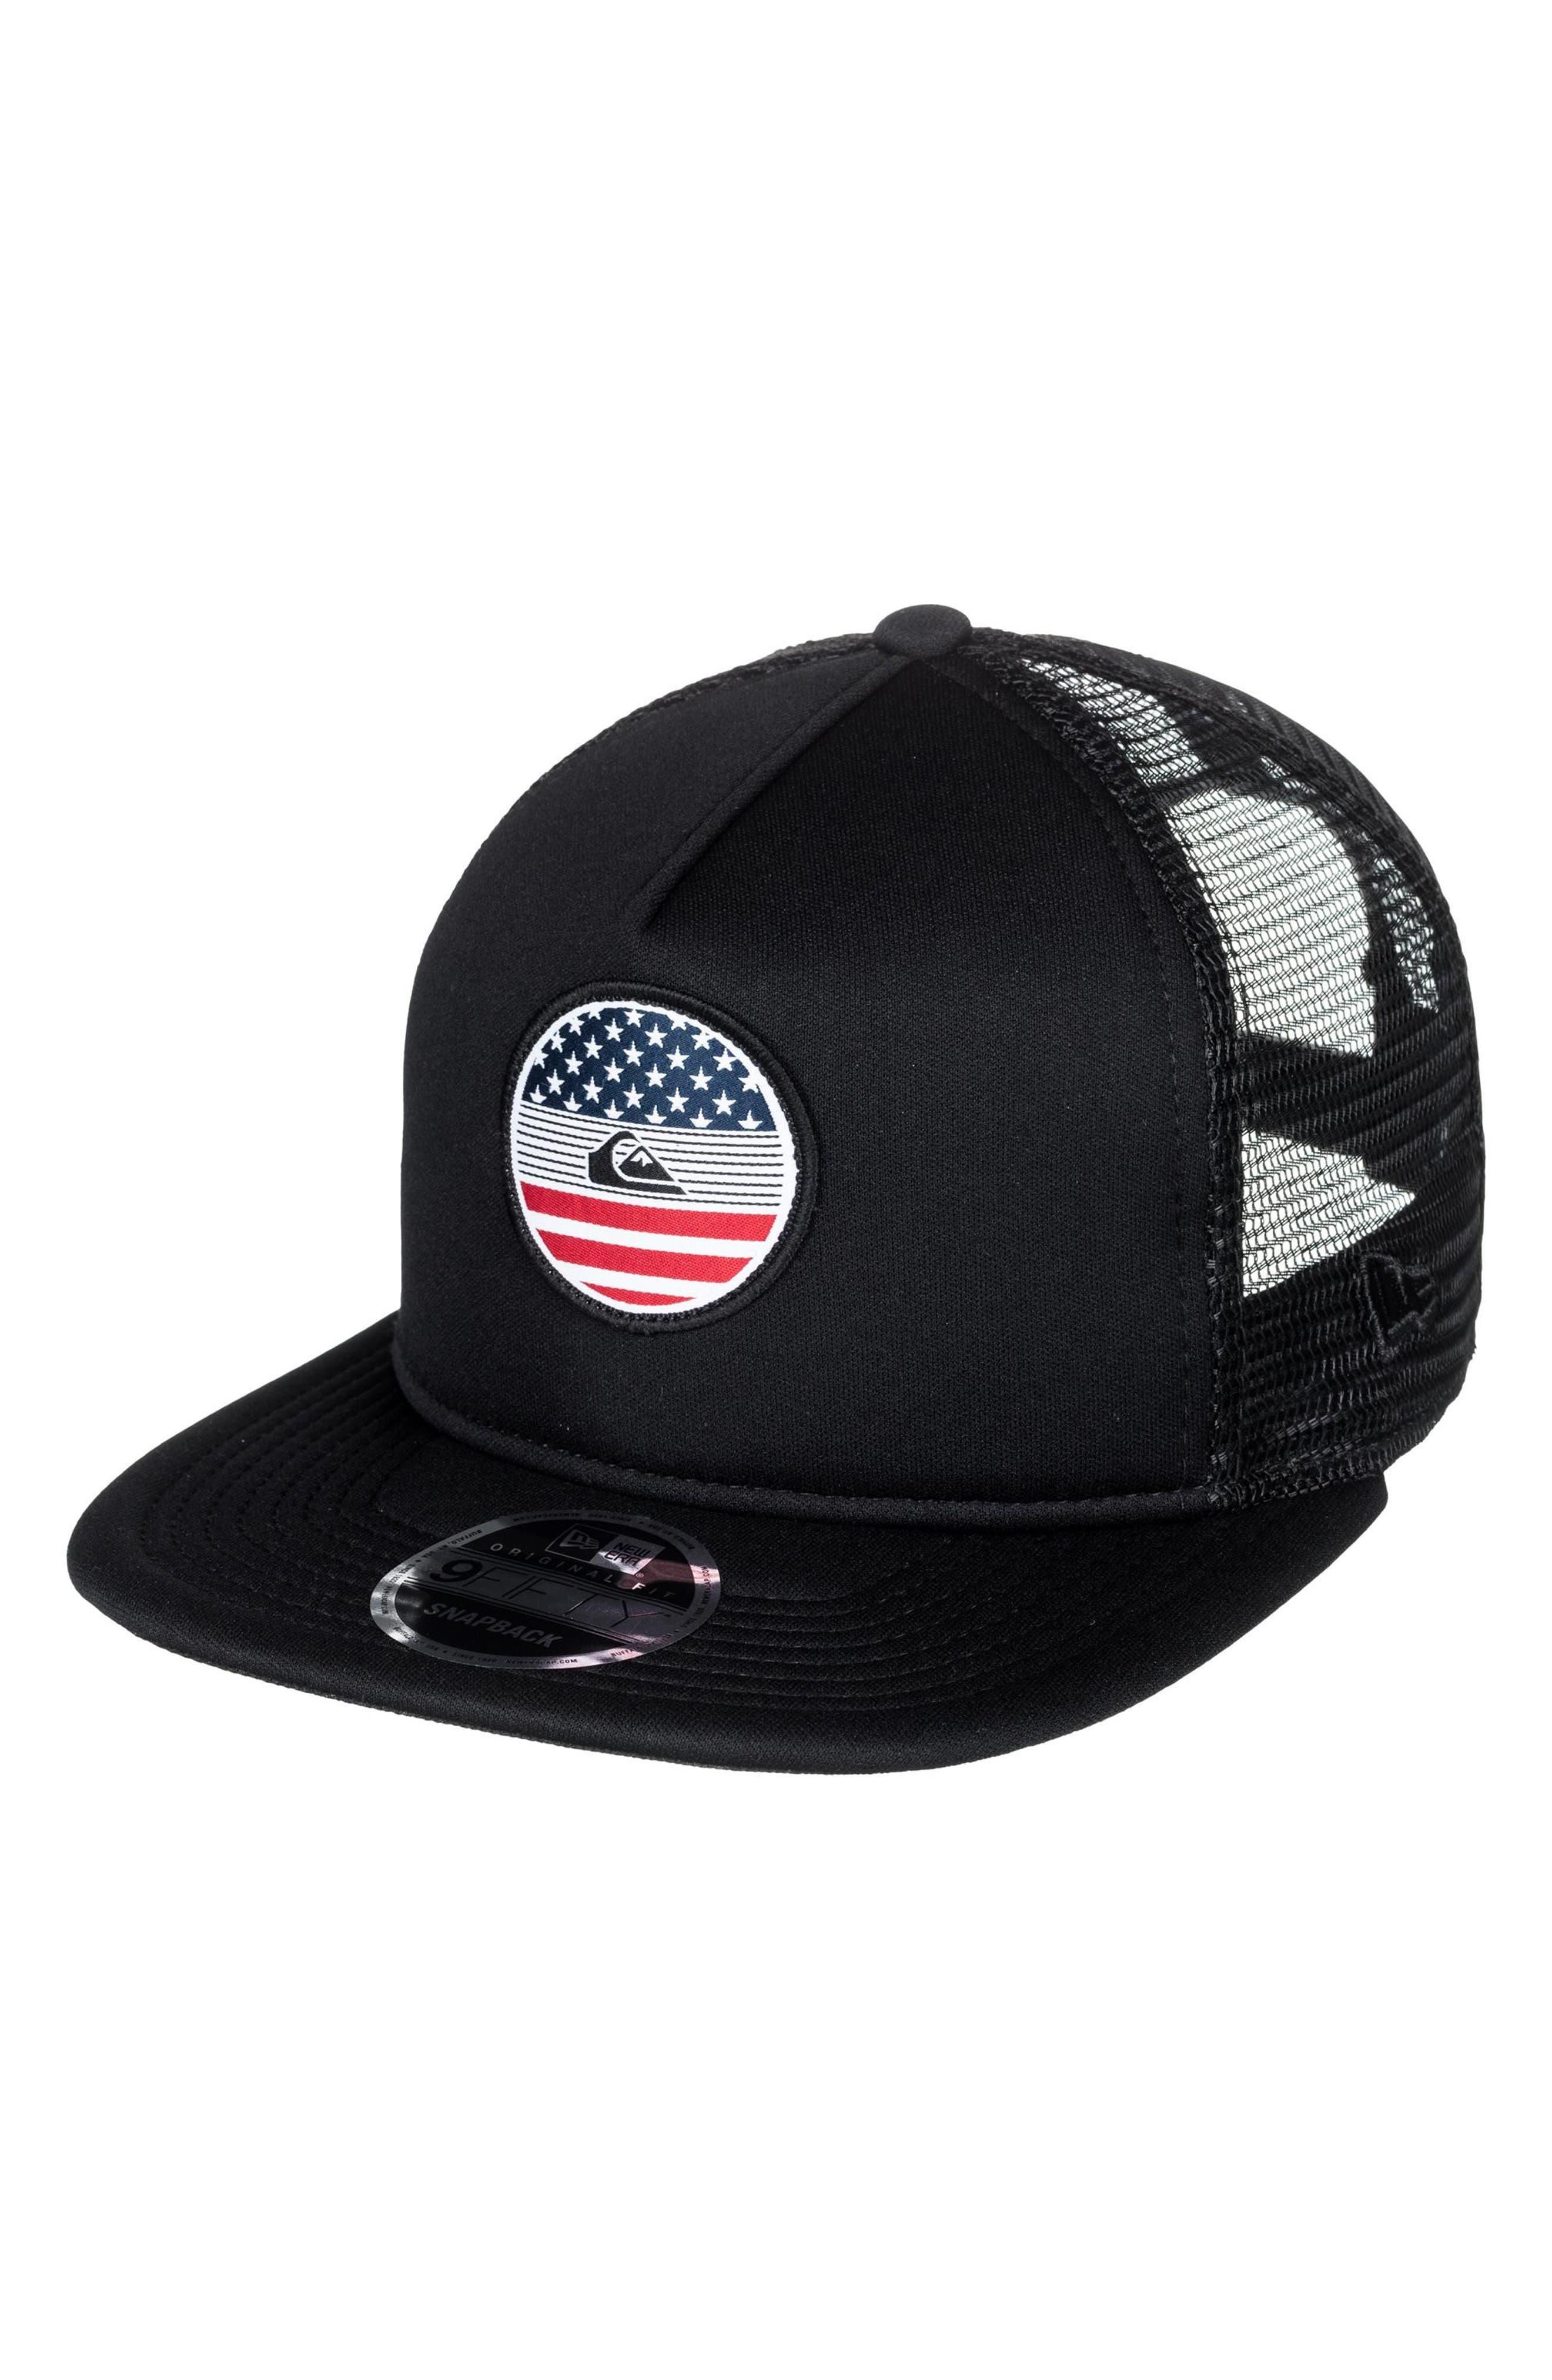 Quiksilver Flag Trucker Hat